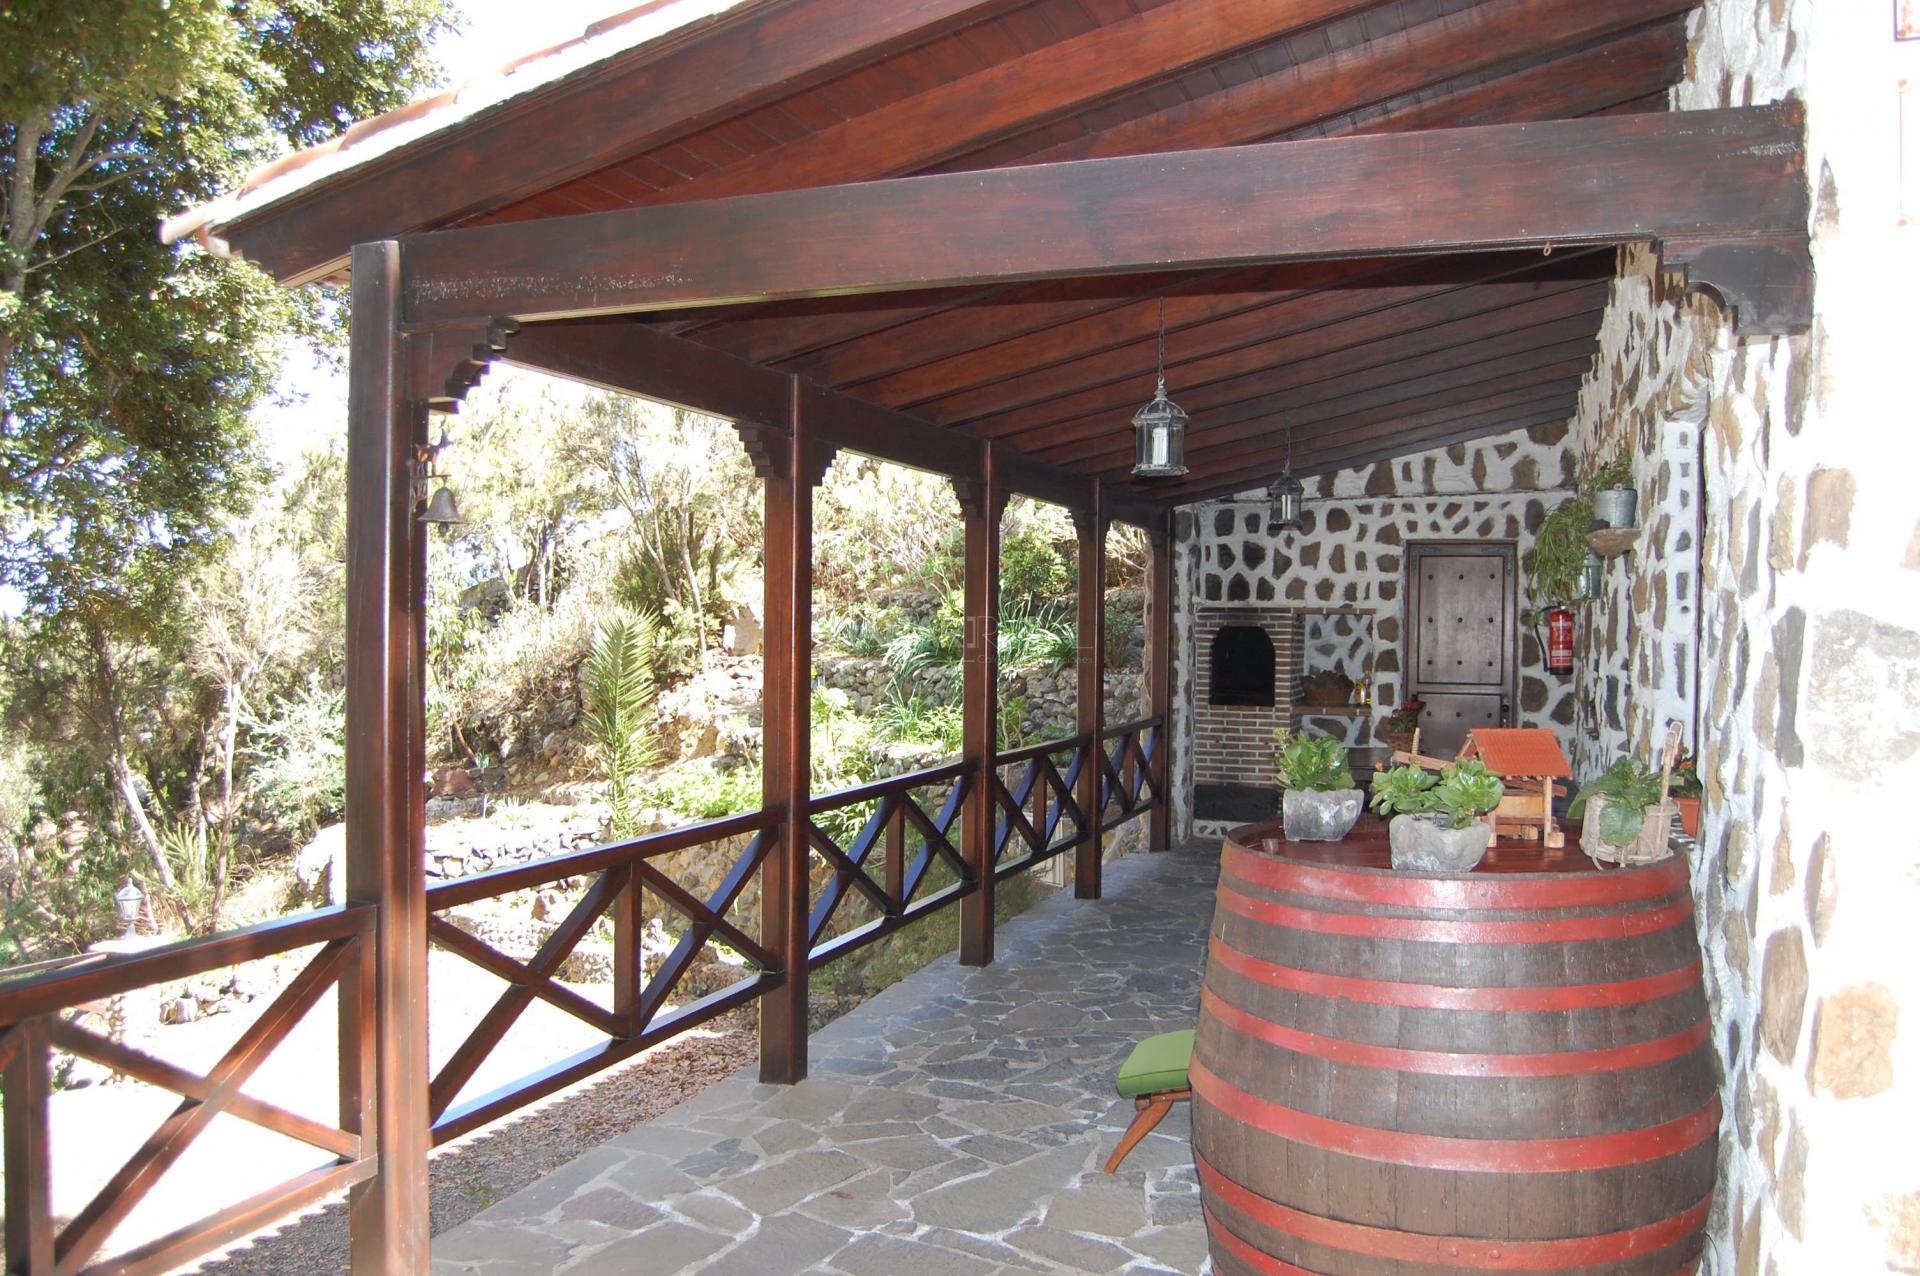 Casa rural montiel casas rurales en tenerife icod de los - Casa rural icod de los vinos ...